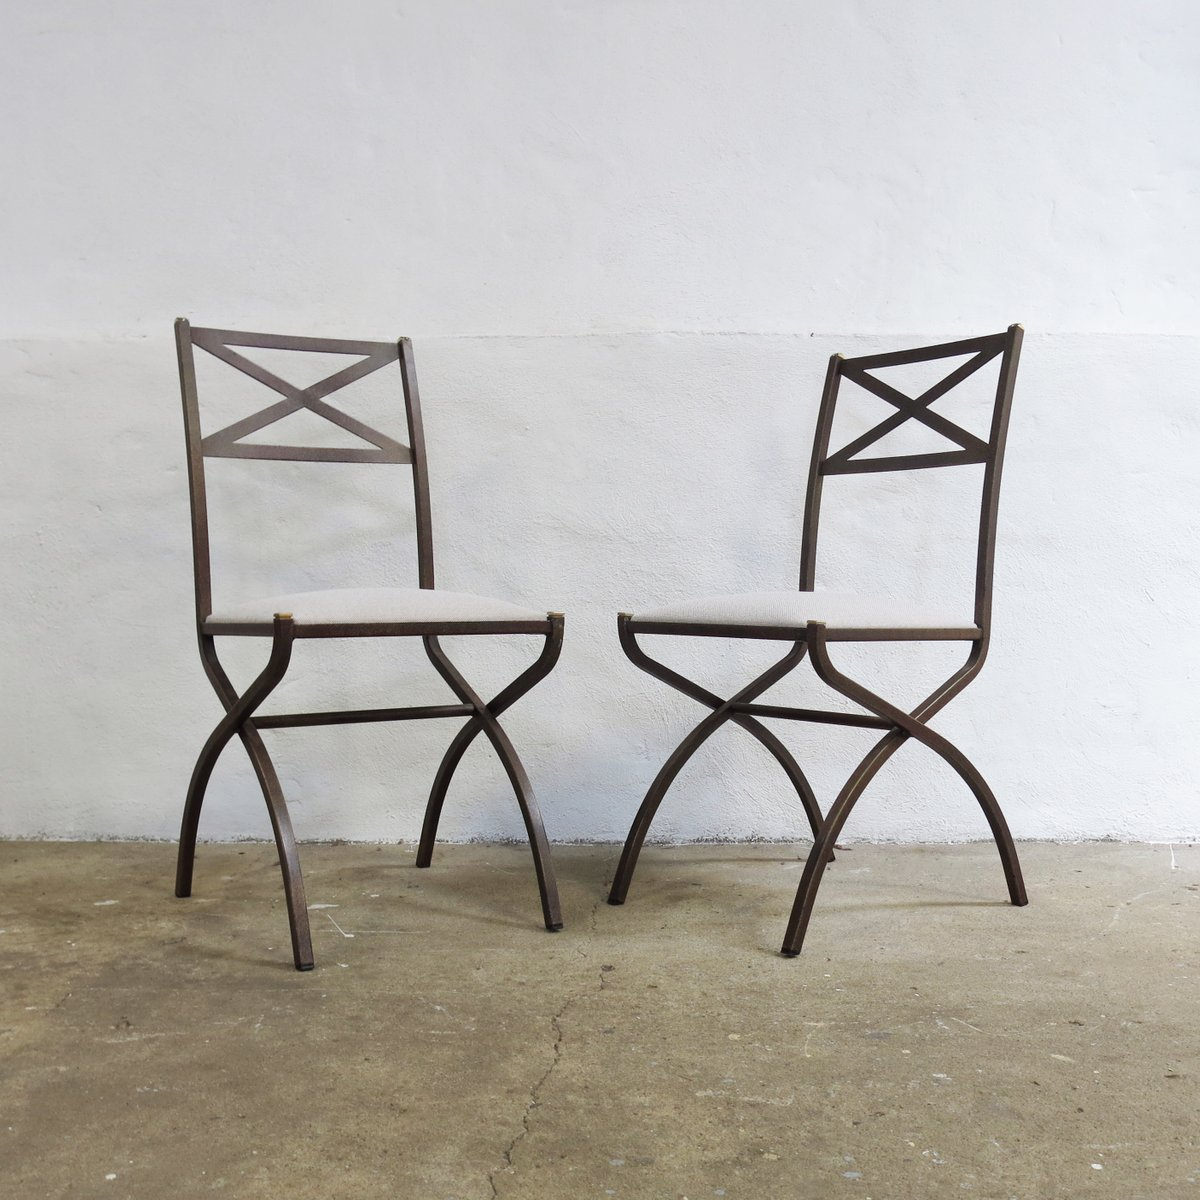 set de salle manger vintage avec table et 4 chaises par pierre vandel france 1970s en vente. Black Bedroom Furniture Sets. Home Design Ideas